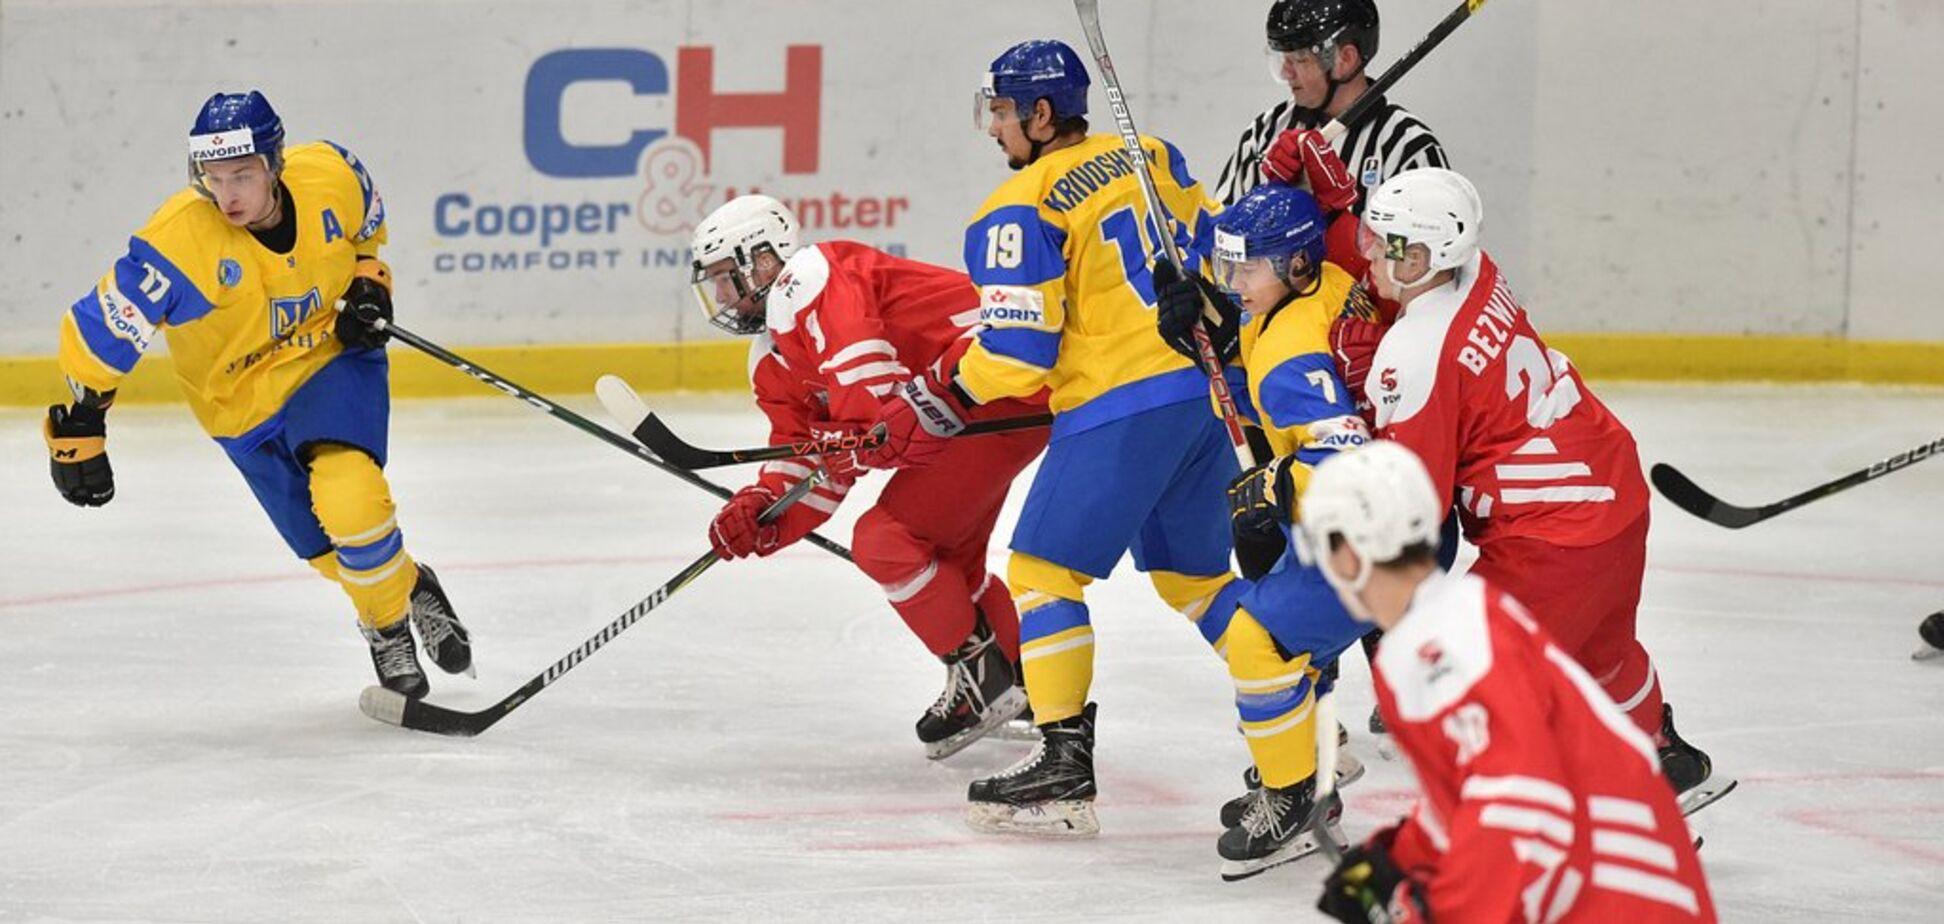 Україна здобула розгромну перемогу на чемпіонаті світу з хокею U-20